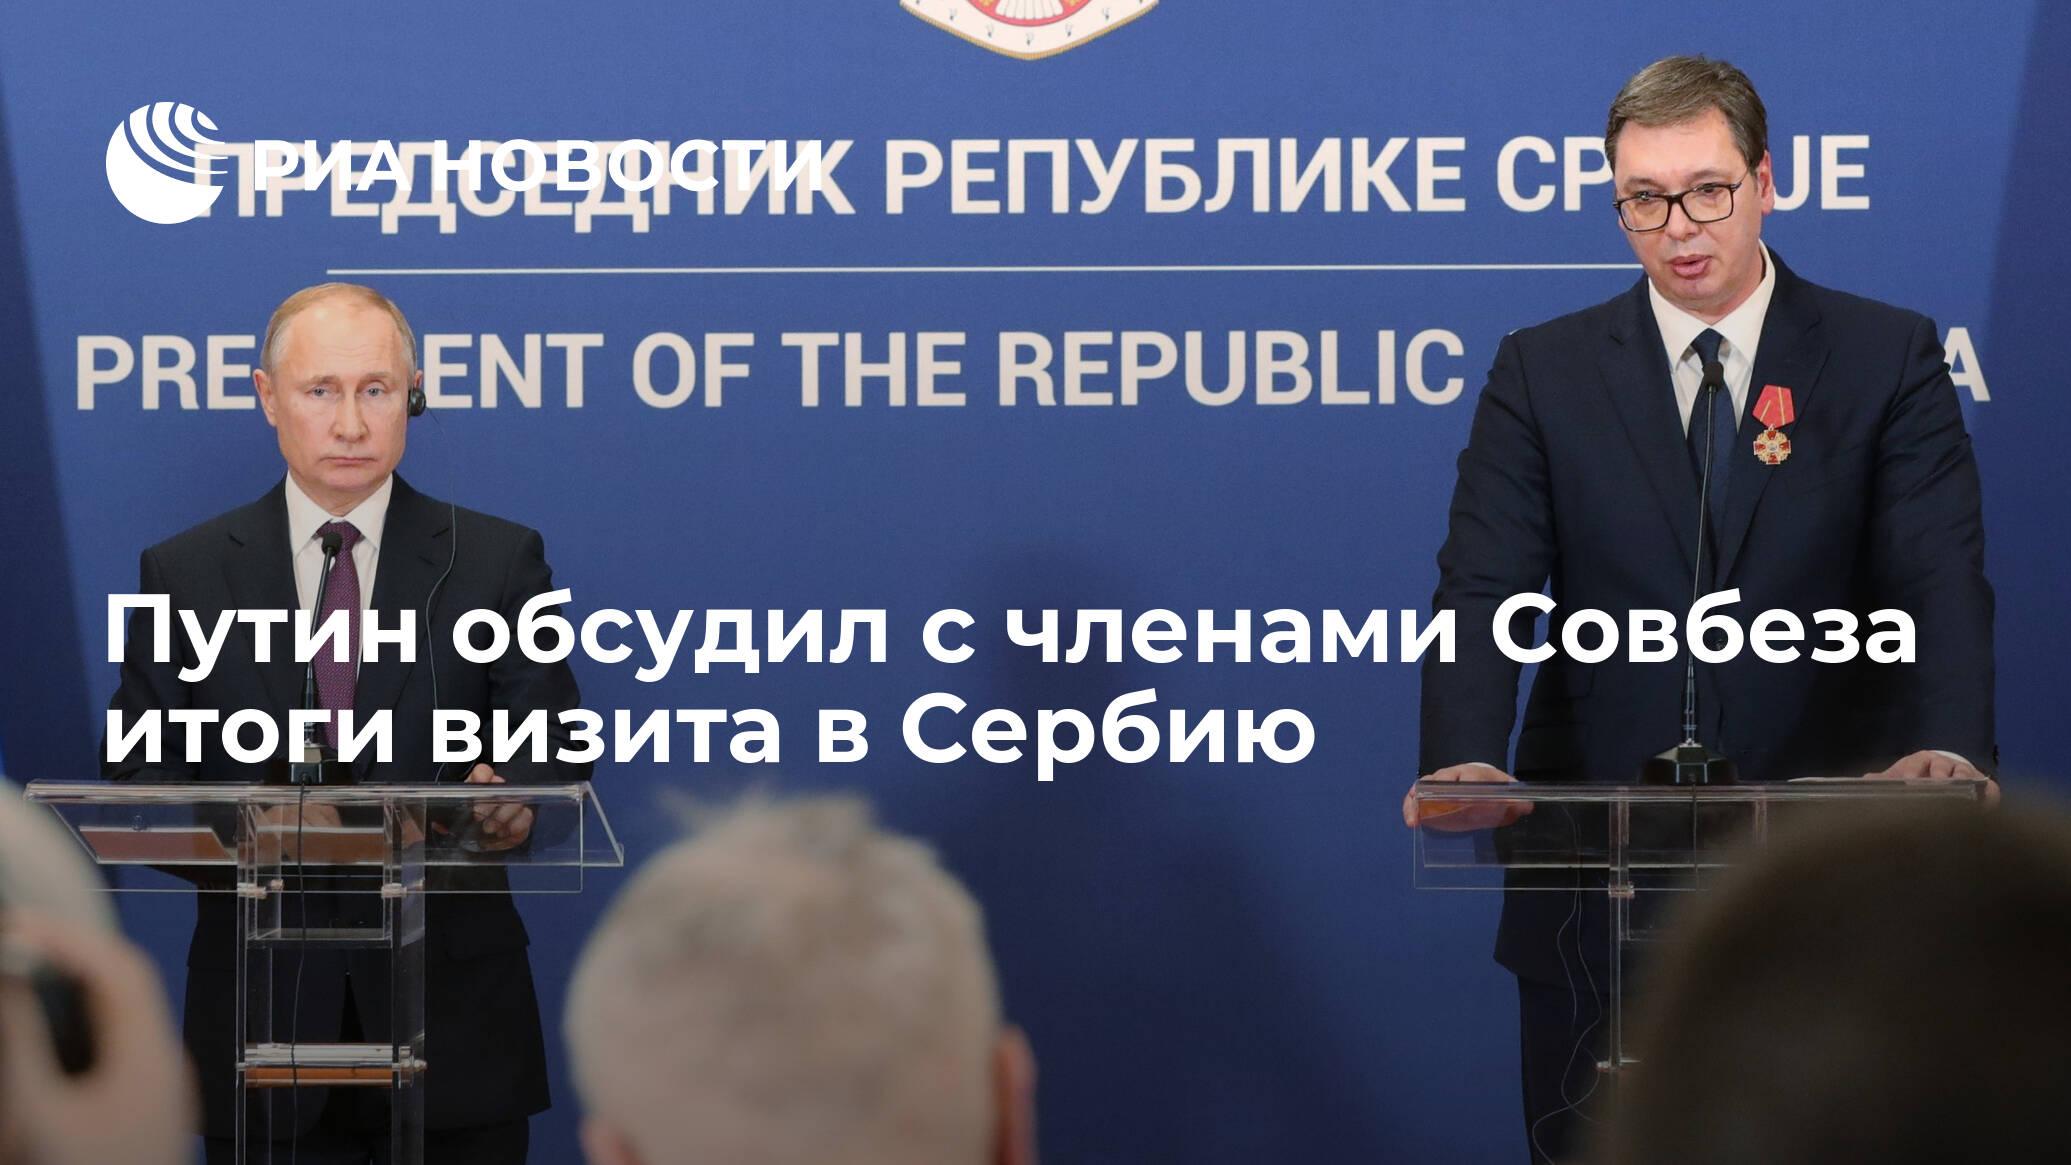 Владимир Путин обсудил итоги визита вСербию счленами Совбеза